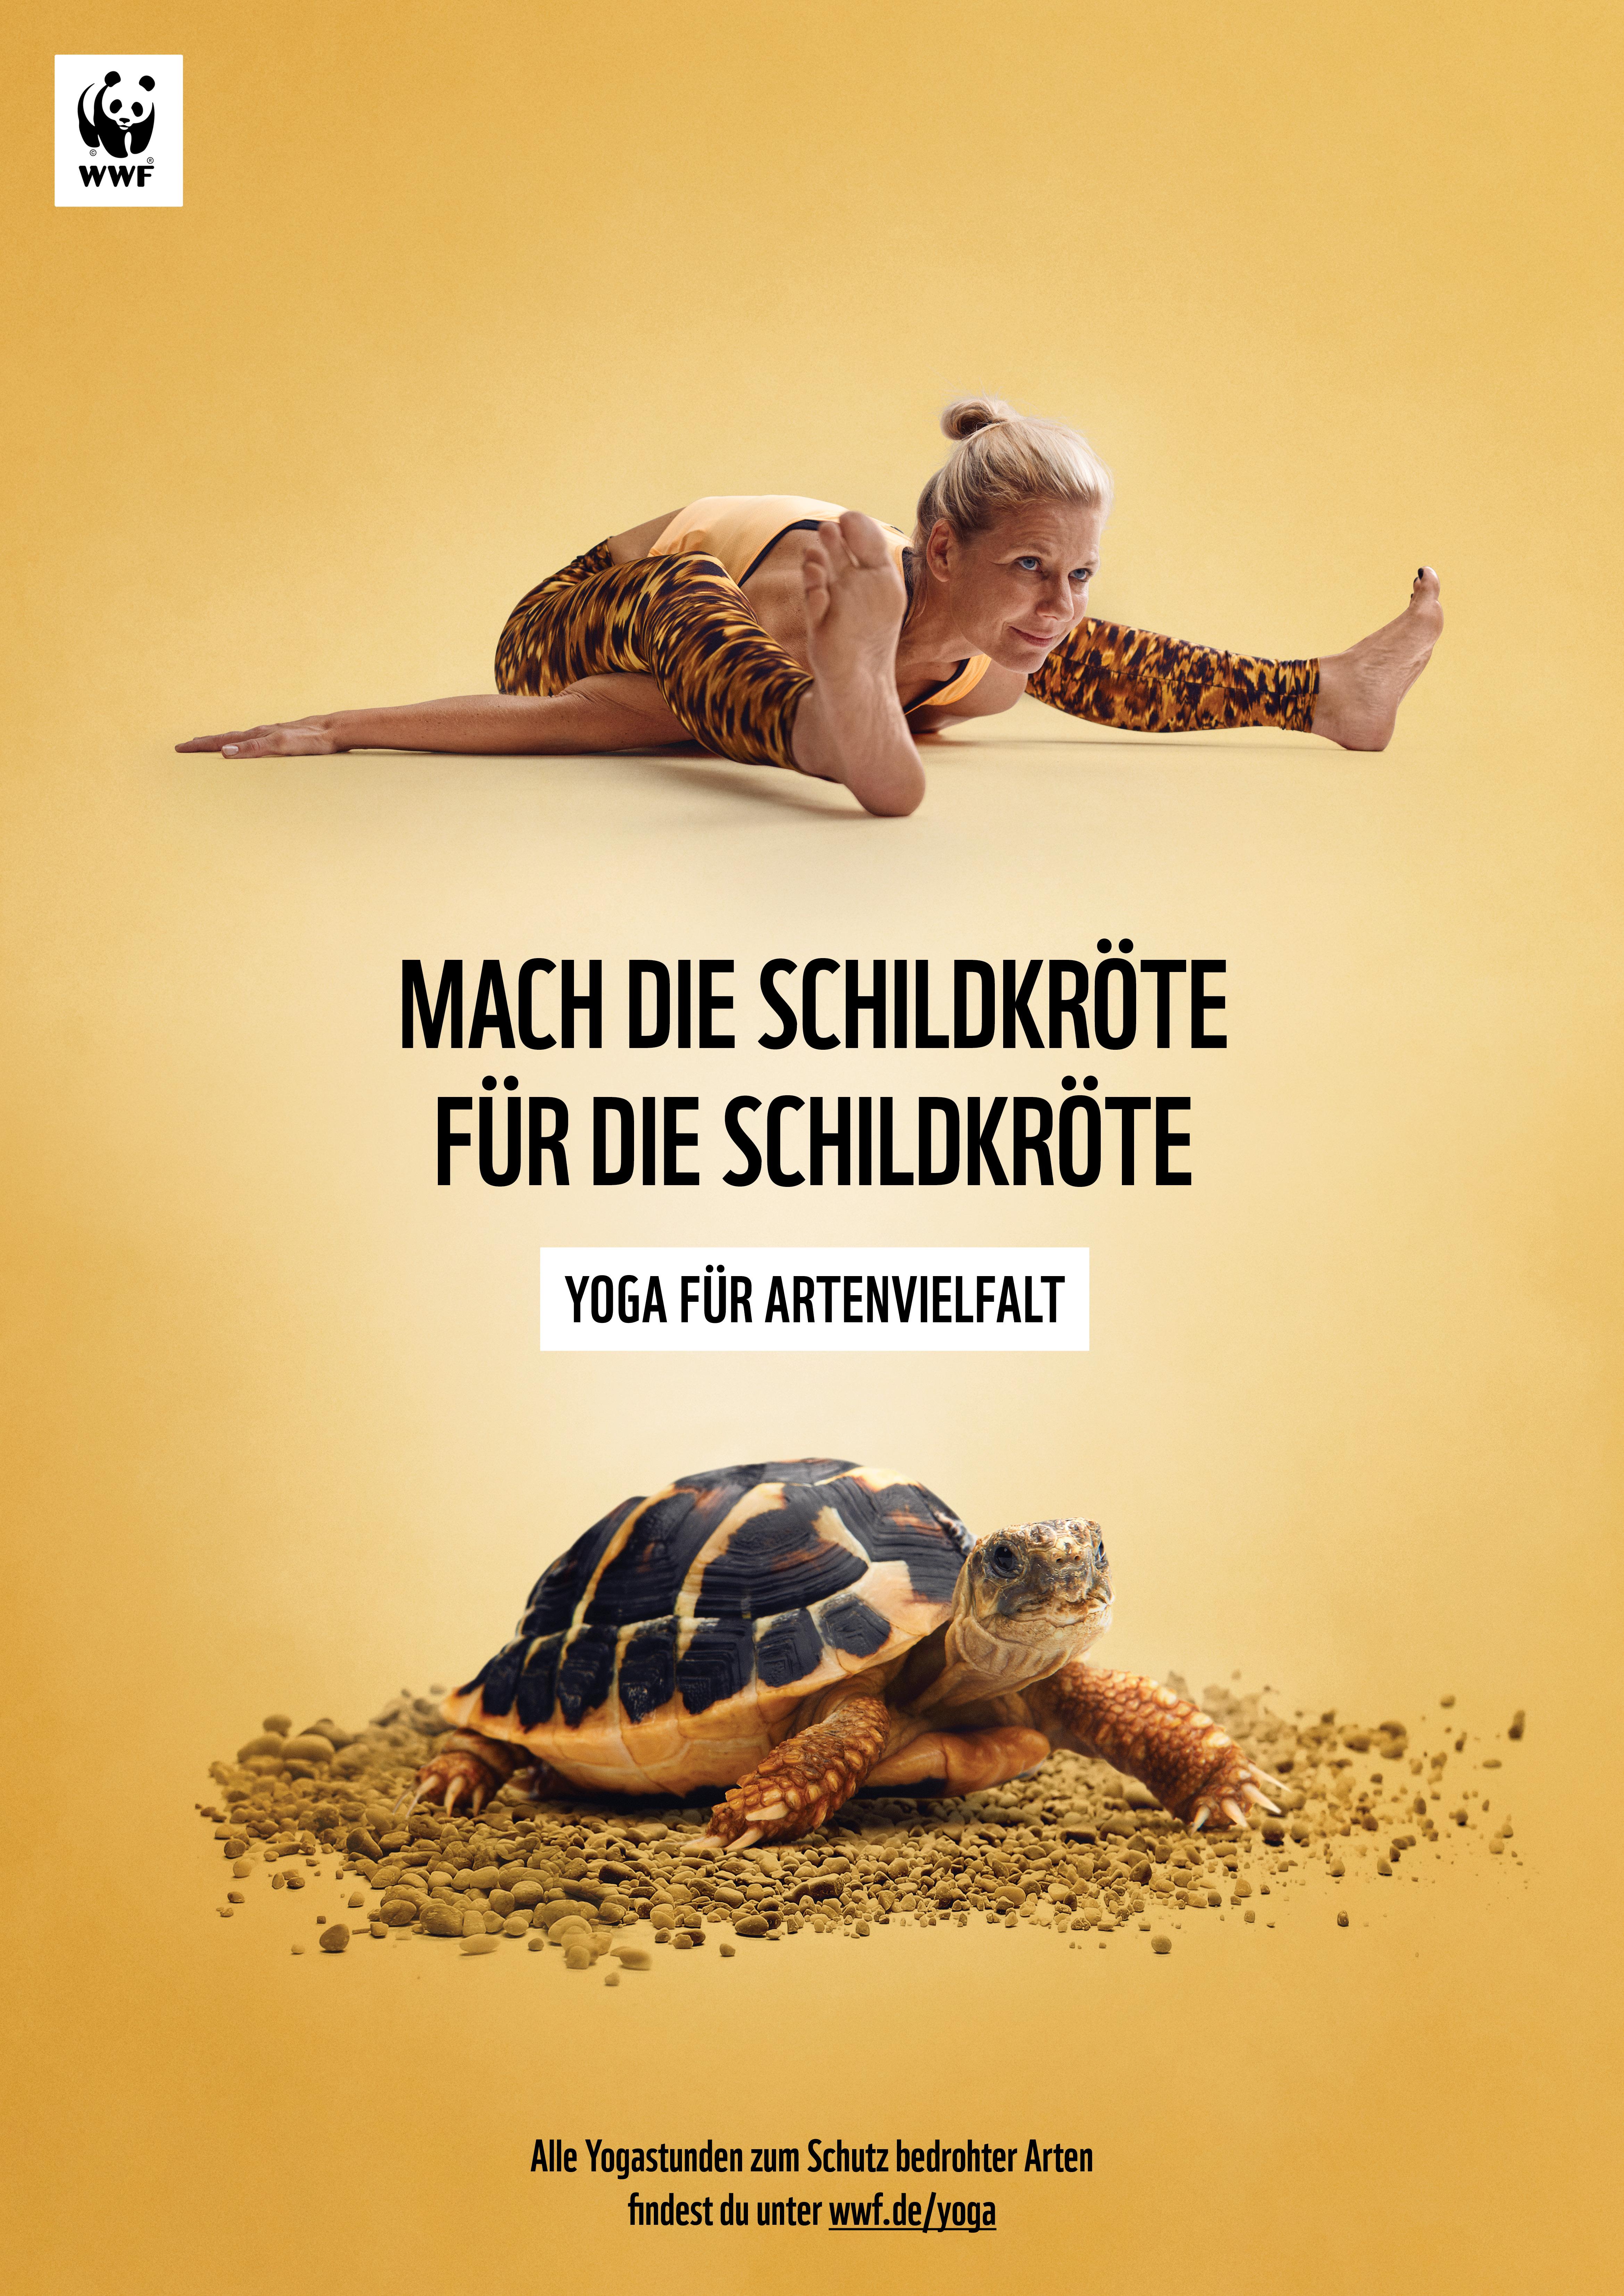 WWF Yoga für Artenvielfalt Griechische Landschildkröte